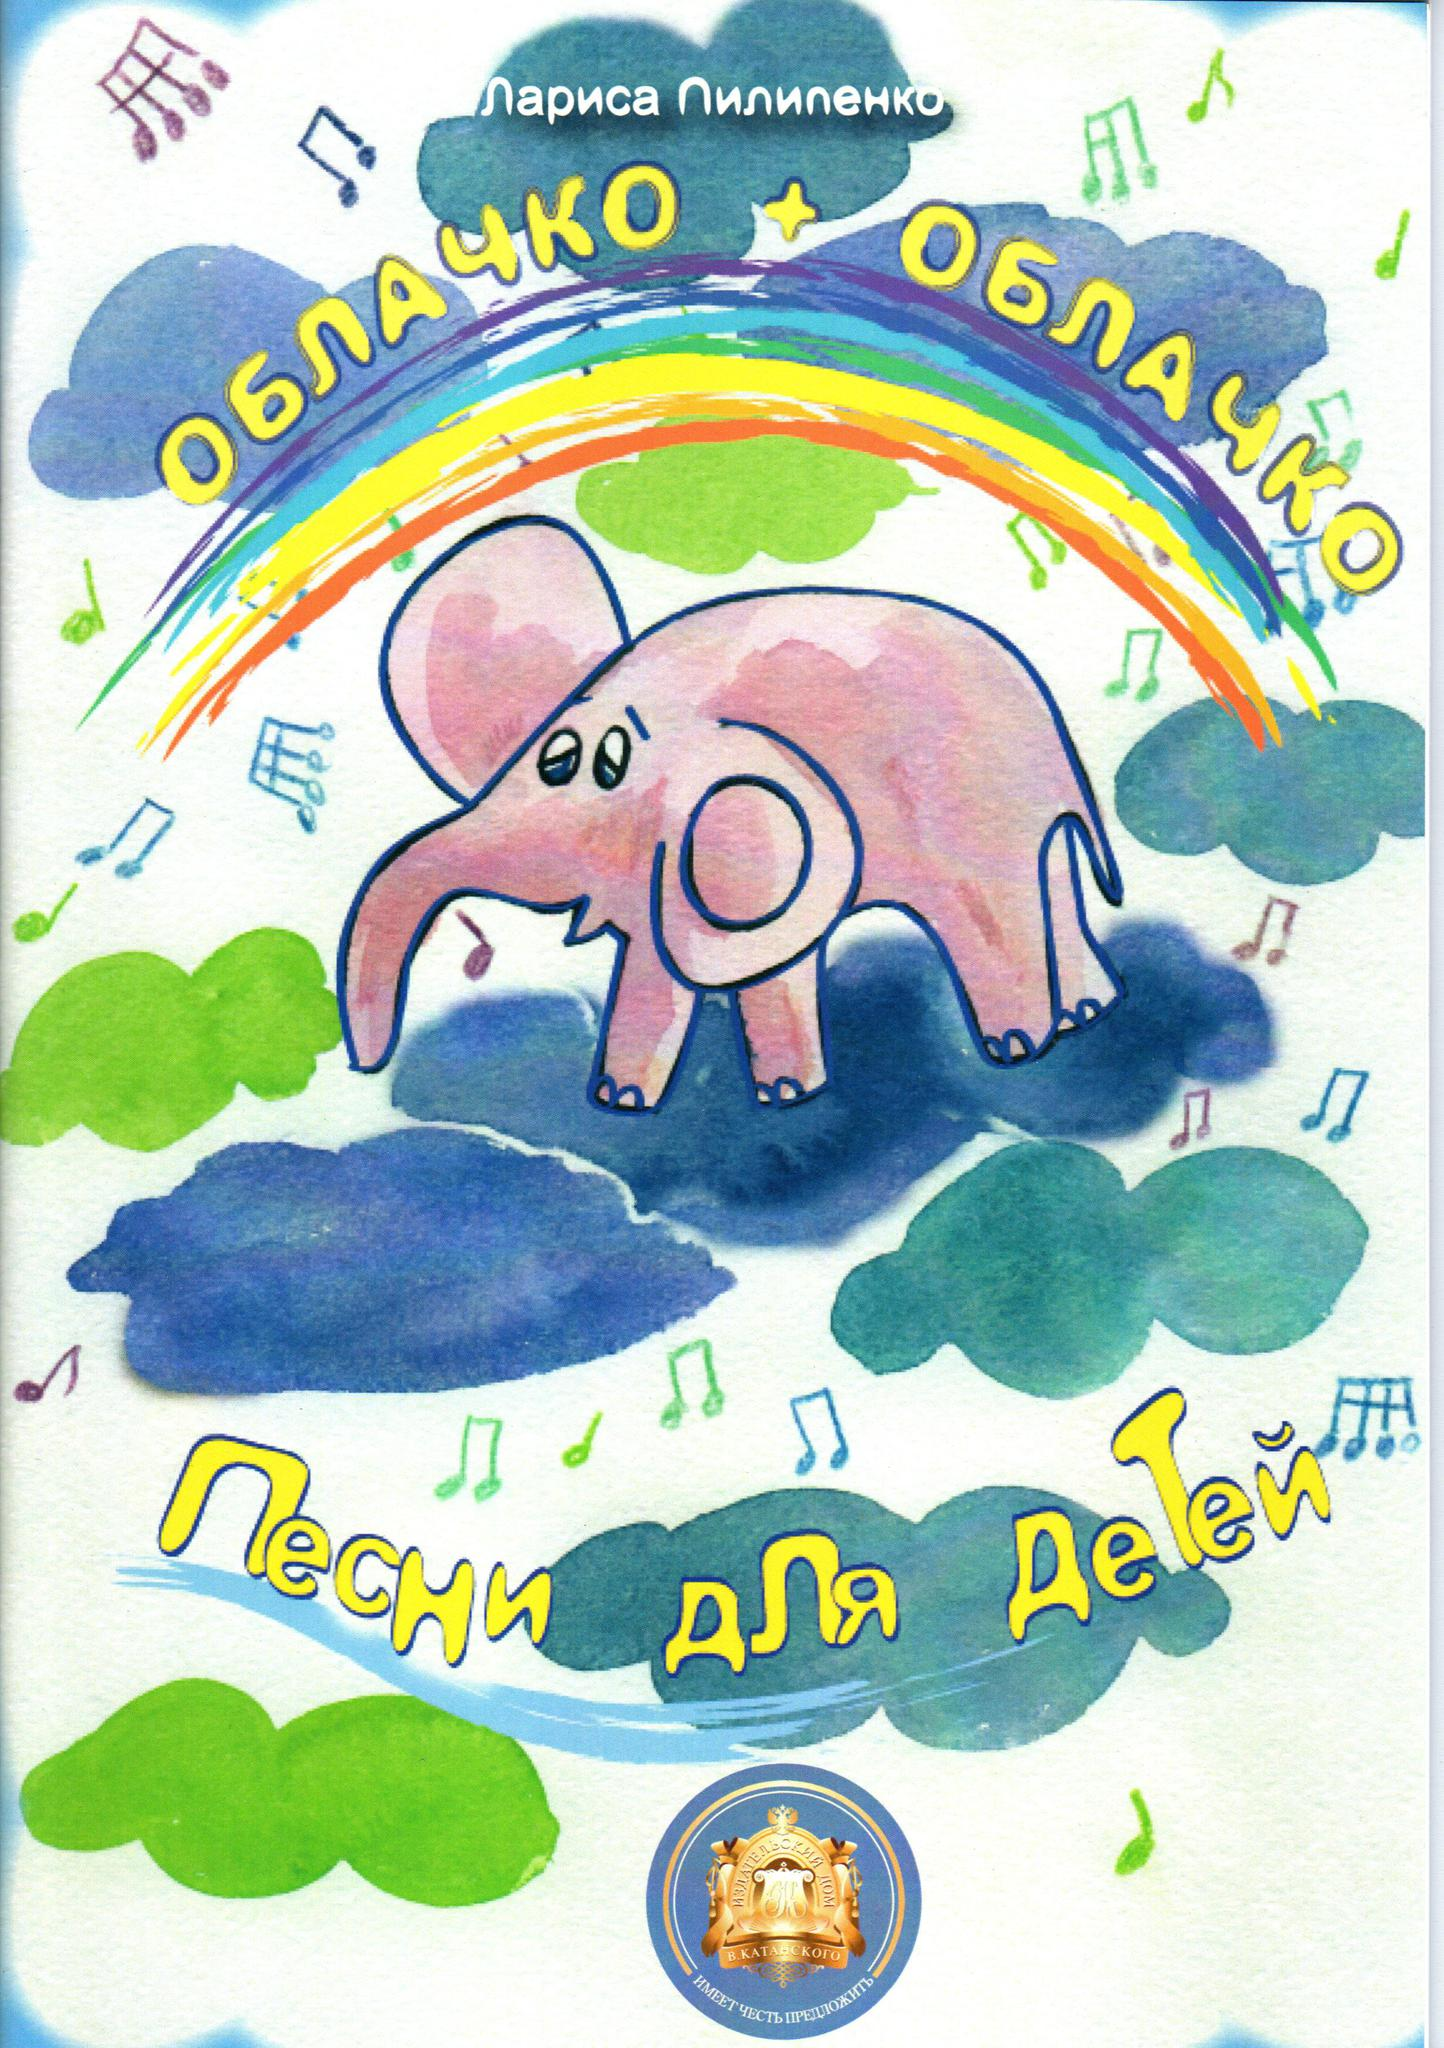 Л. Пилипенко. Облачко + Облачко. Песни для  детей.